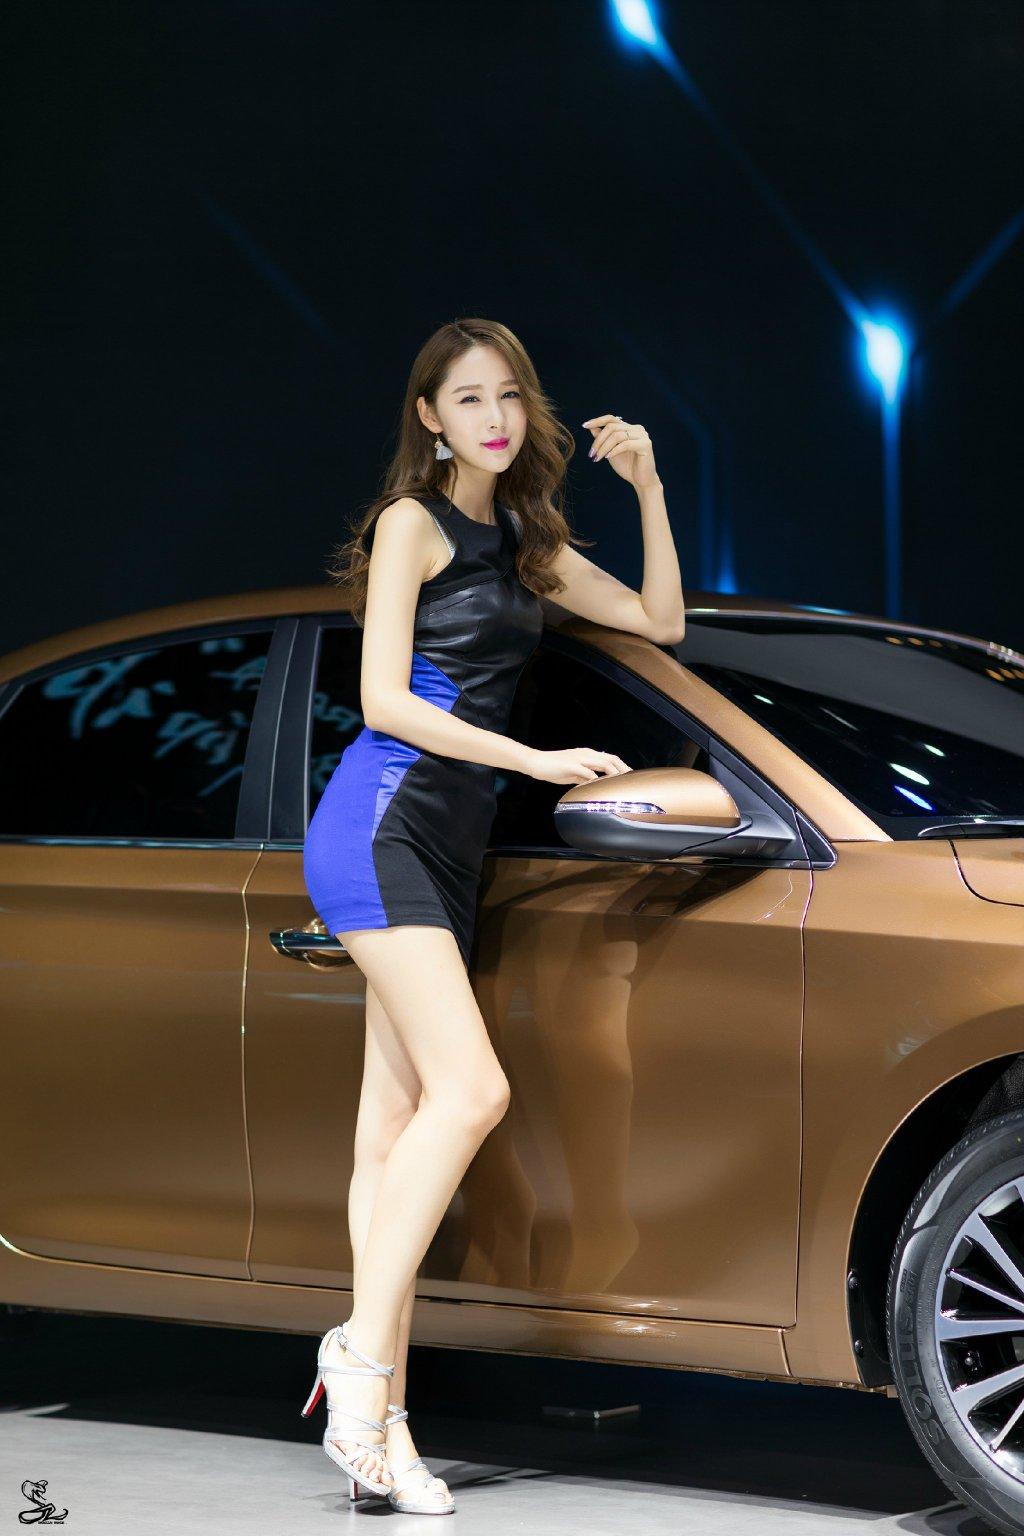 细腿高跟超短裙性感美女车模